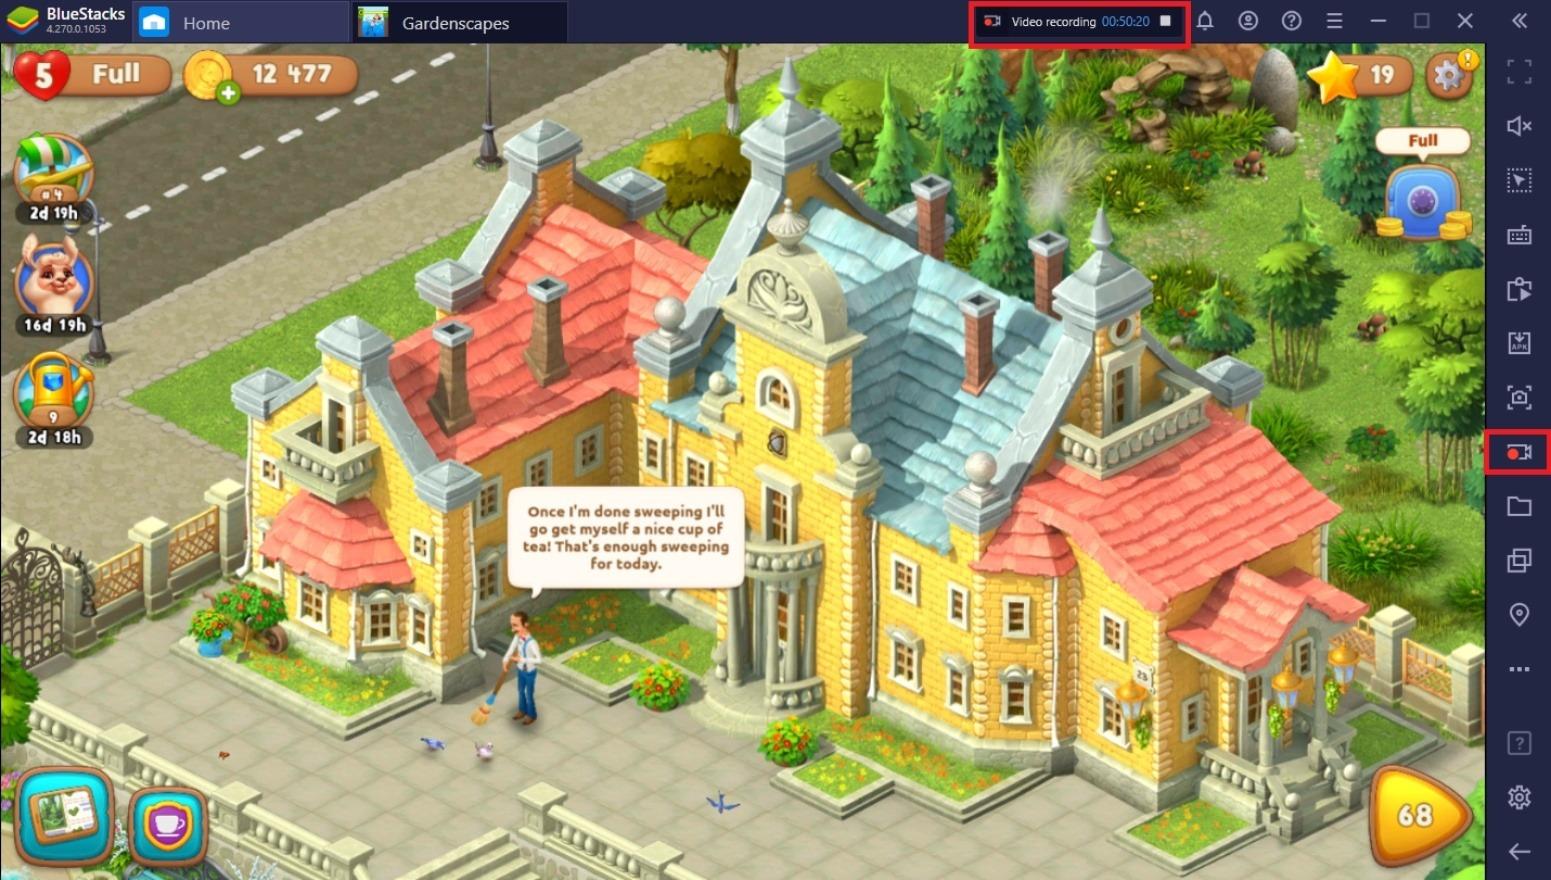 Jak grać w Gardenscapes na PC z BlueStacks